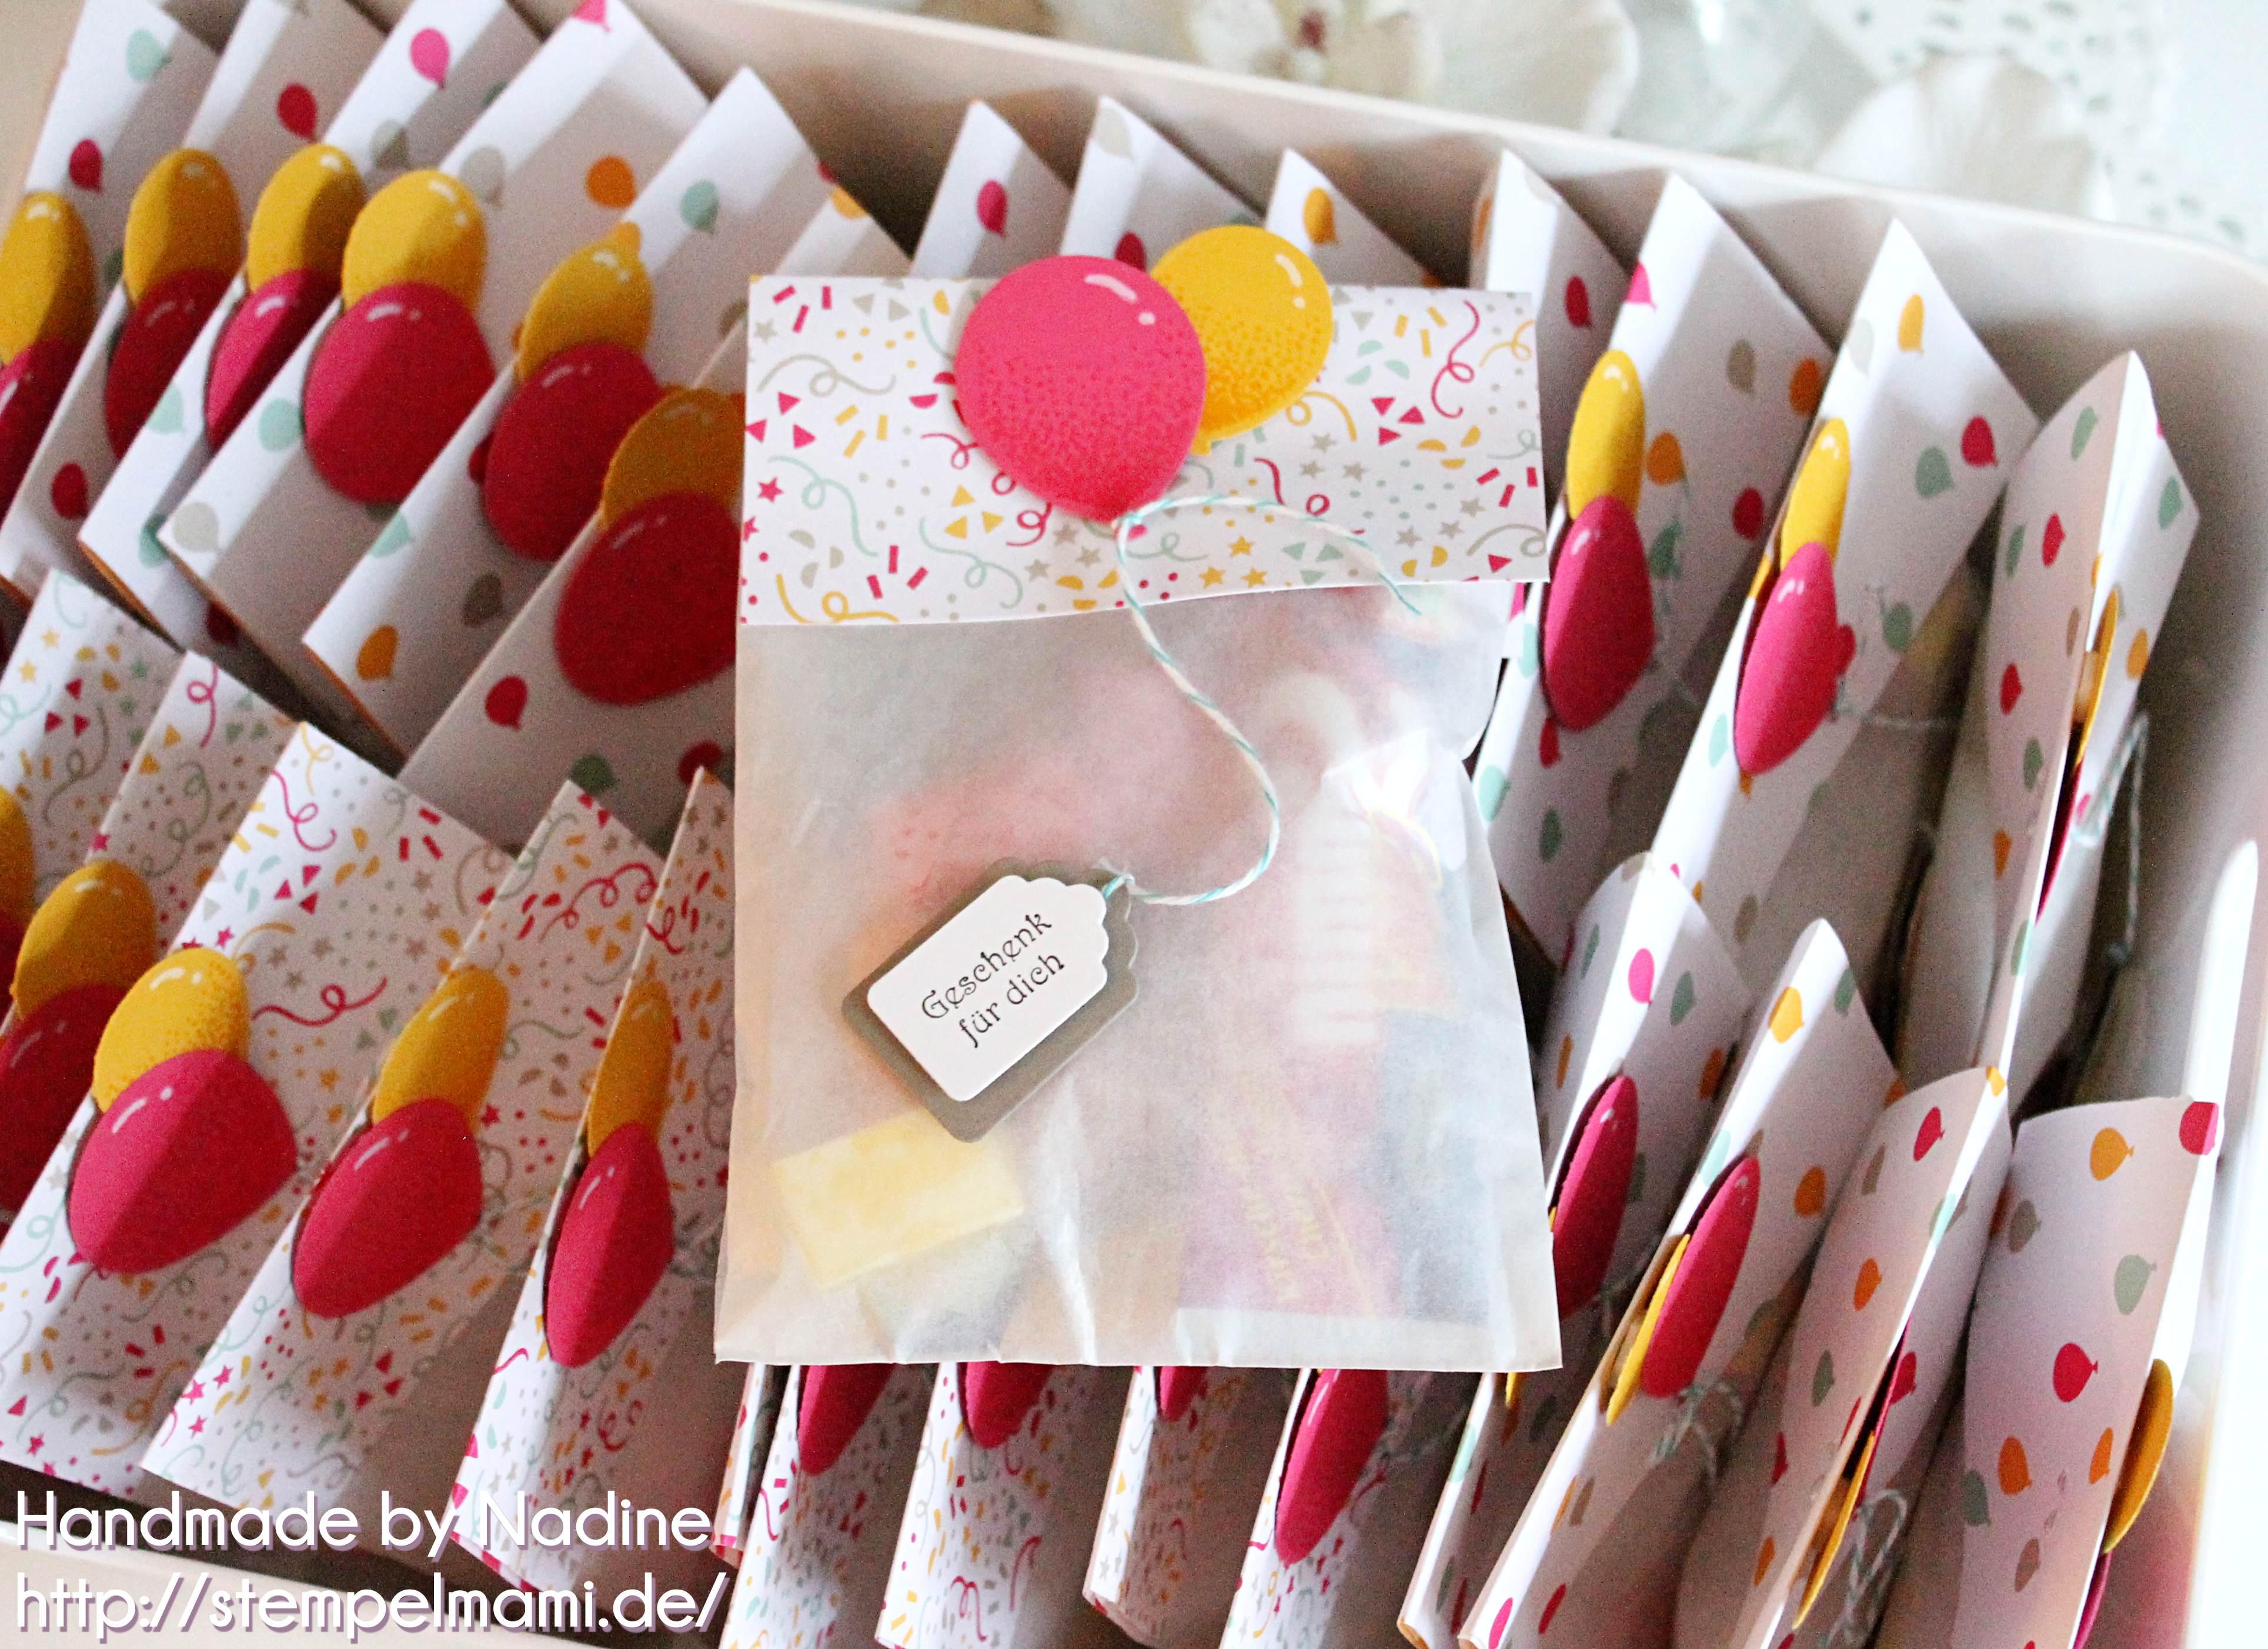 stampin up kindergeburtstag goodie stempelmami gastgeschenk give away verpackung luftballon